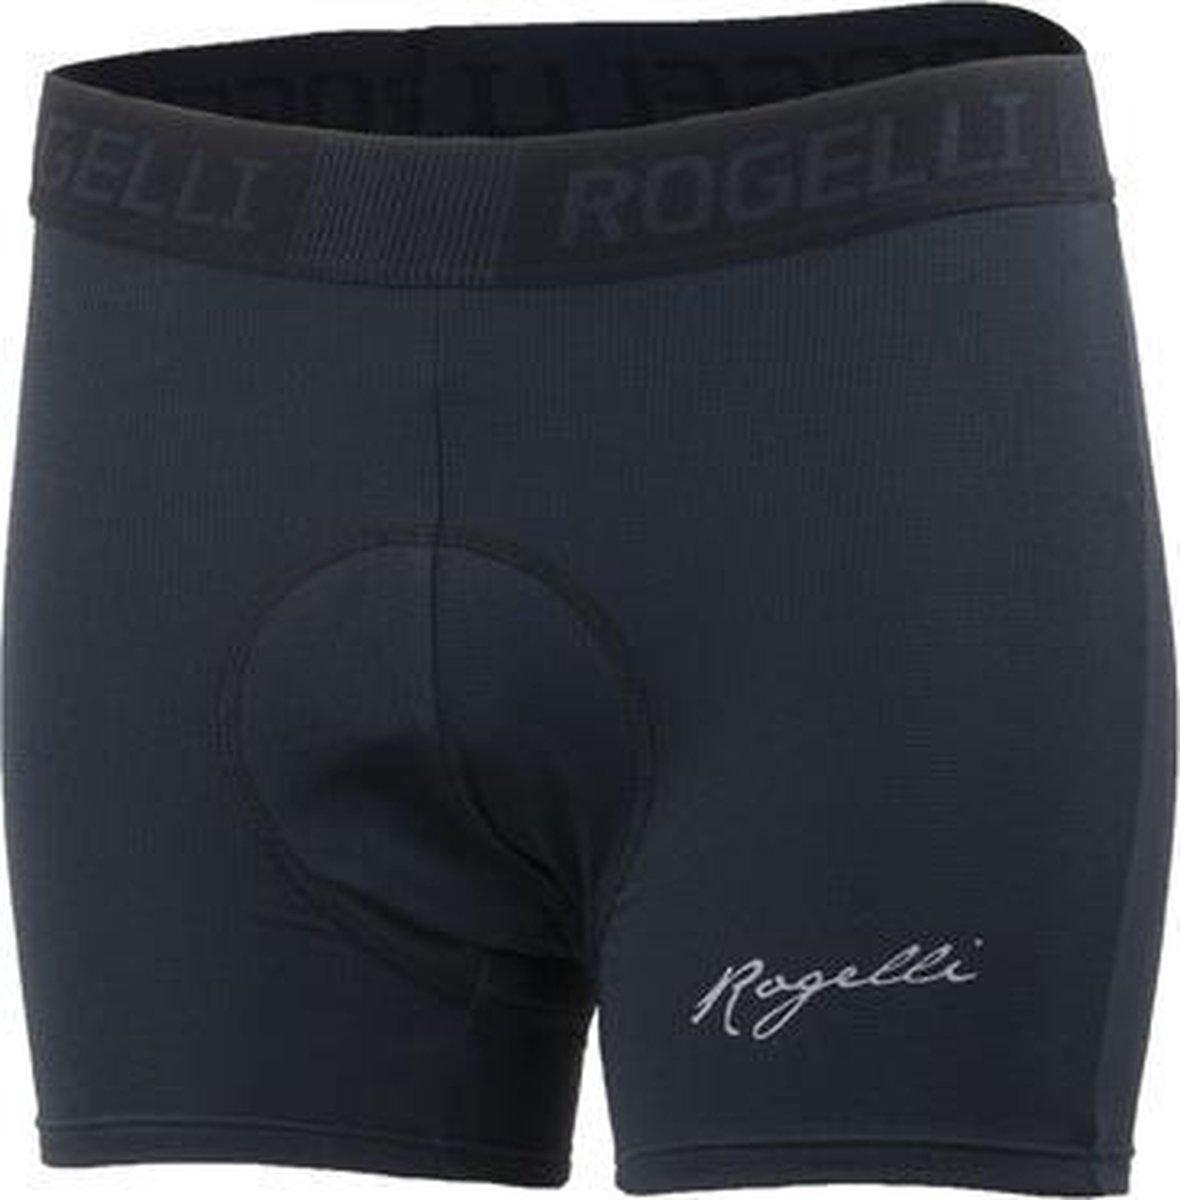 Rogelli Boxershort Fietsbroek Dames - Maat XL